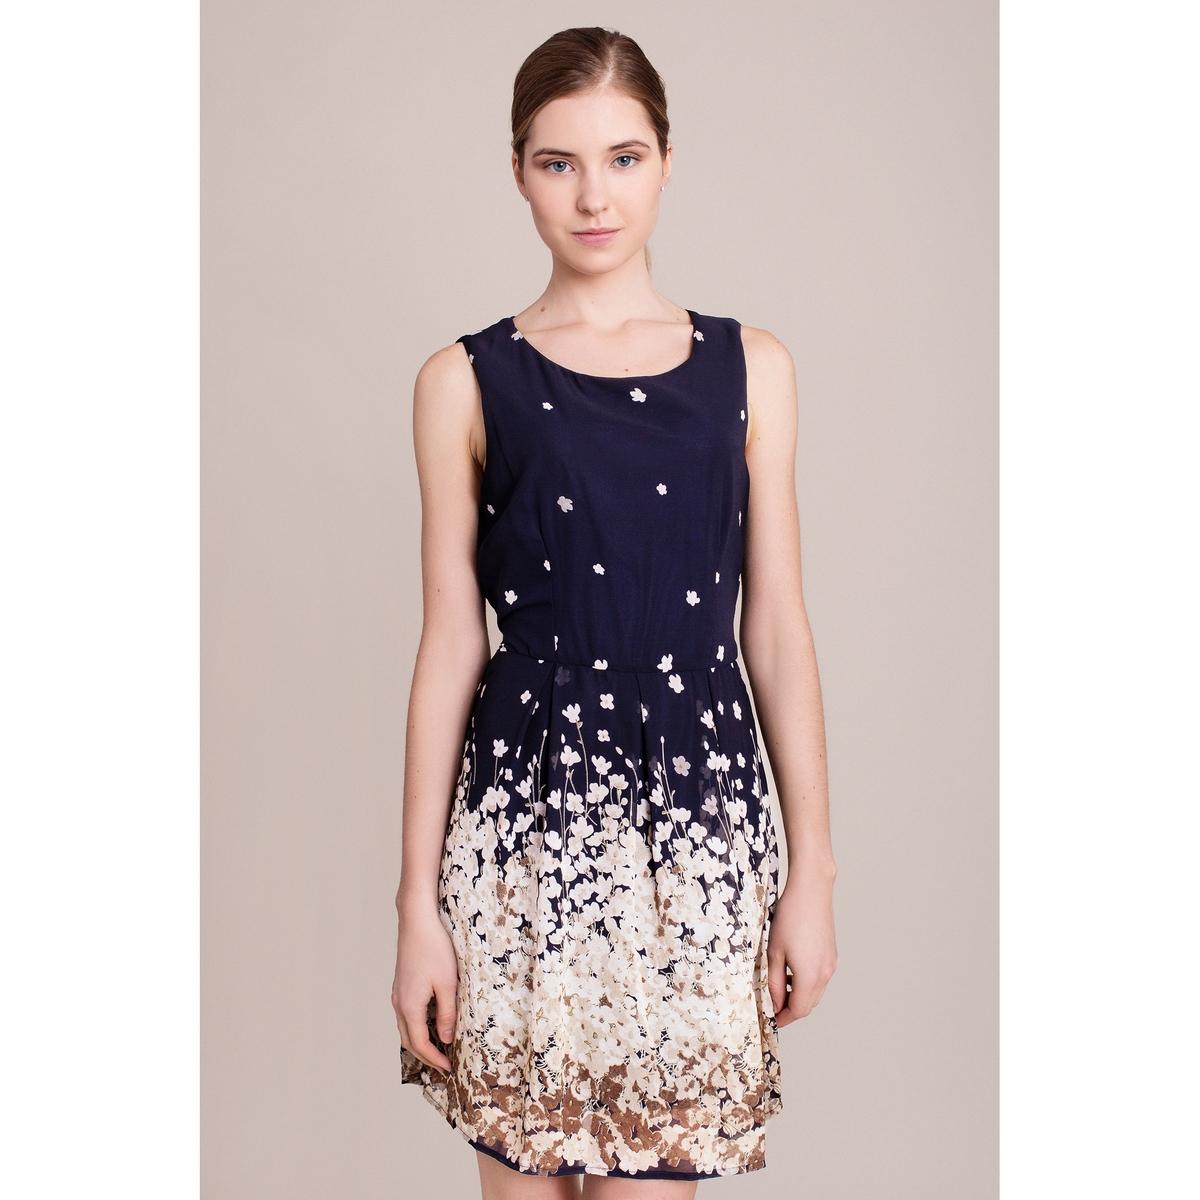 Платье с рисунком без рукавовХарактеристики и описание        Материал         100% полиэстера        Марка    MIGLE+ME<br><br>Цвет: темно-синий/рисунок<br>Размер: L